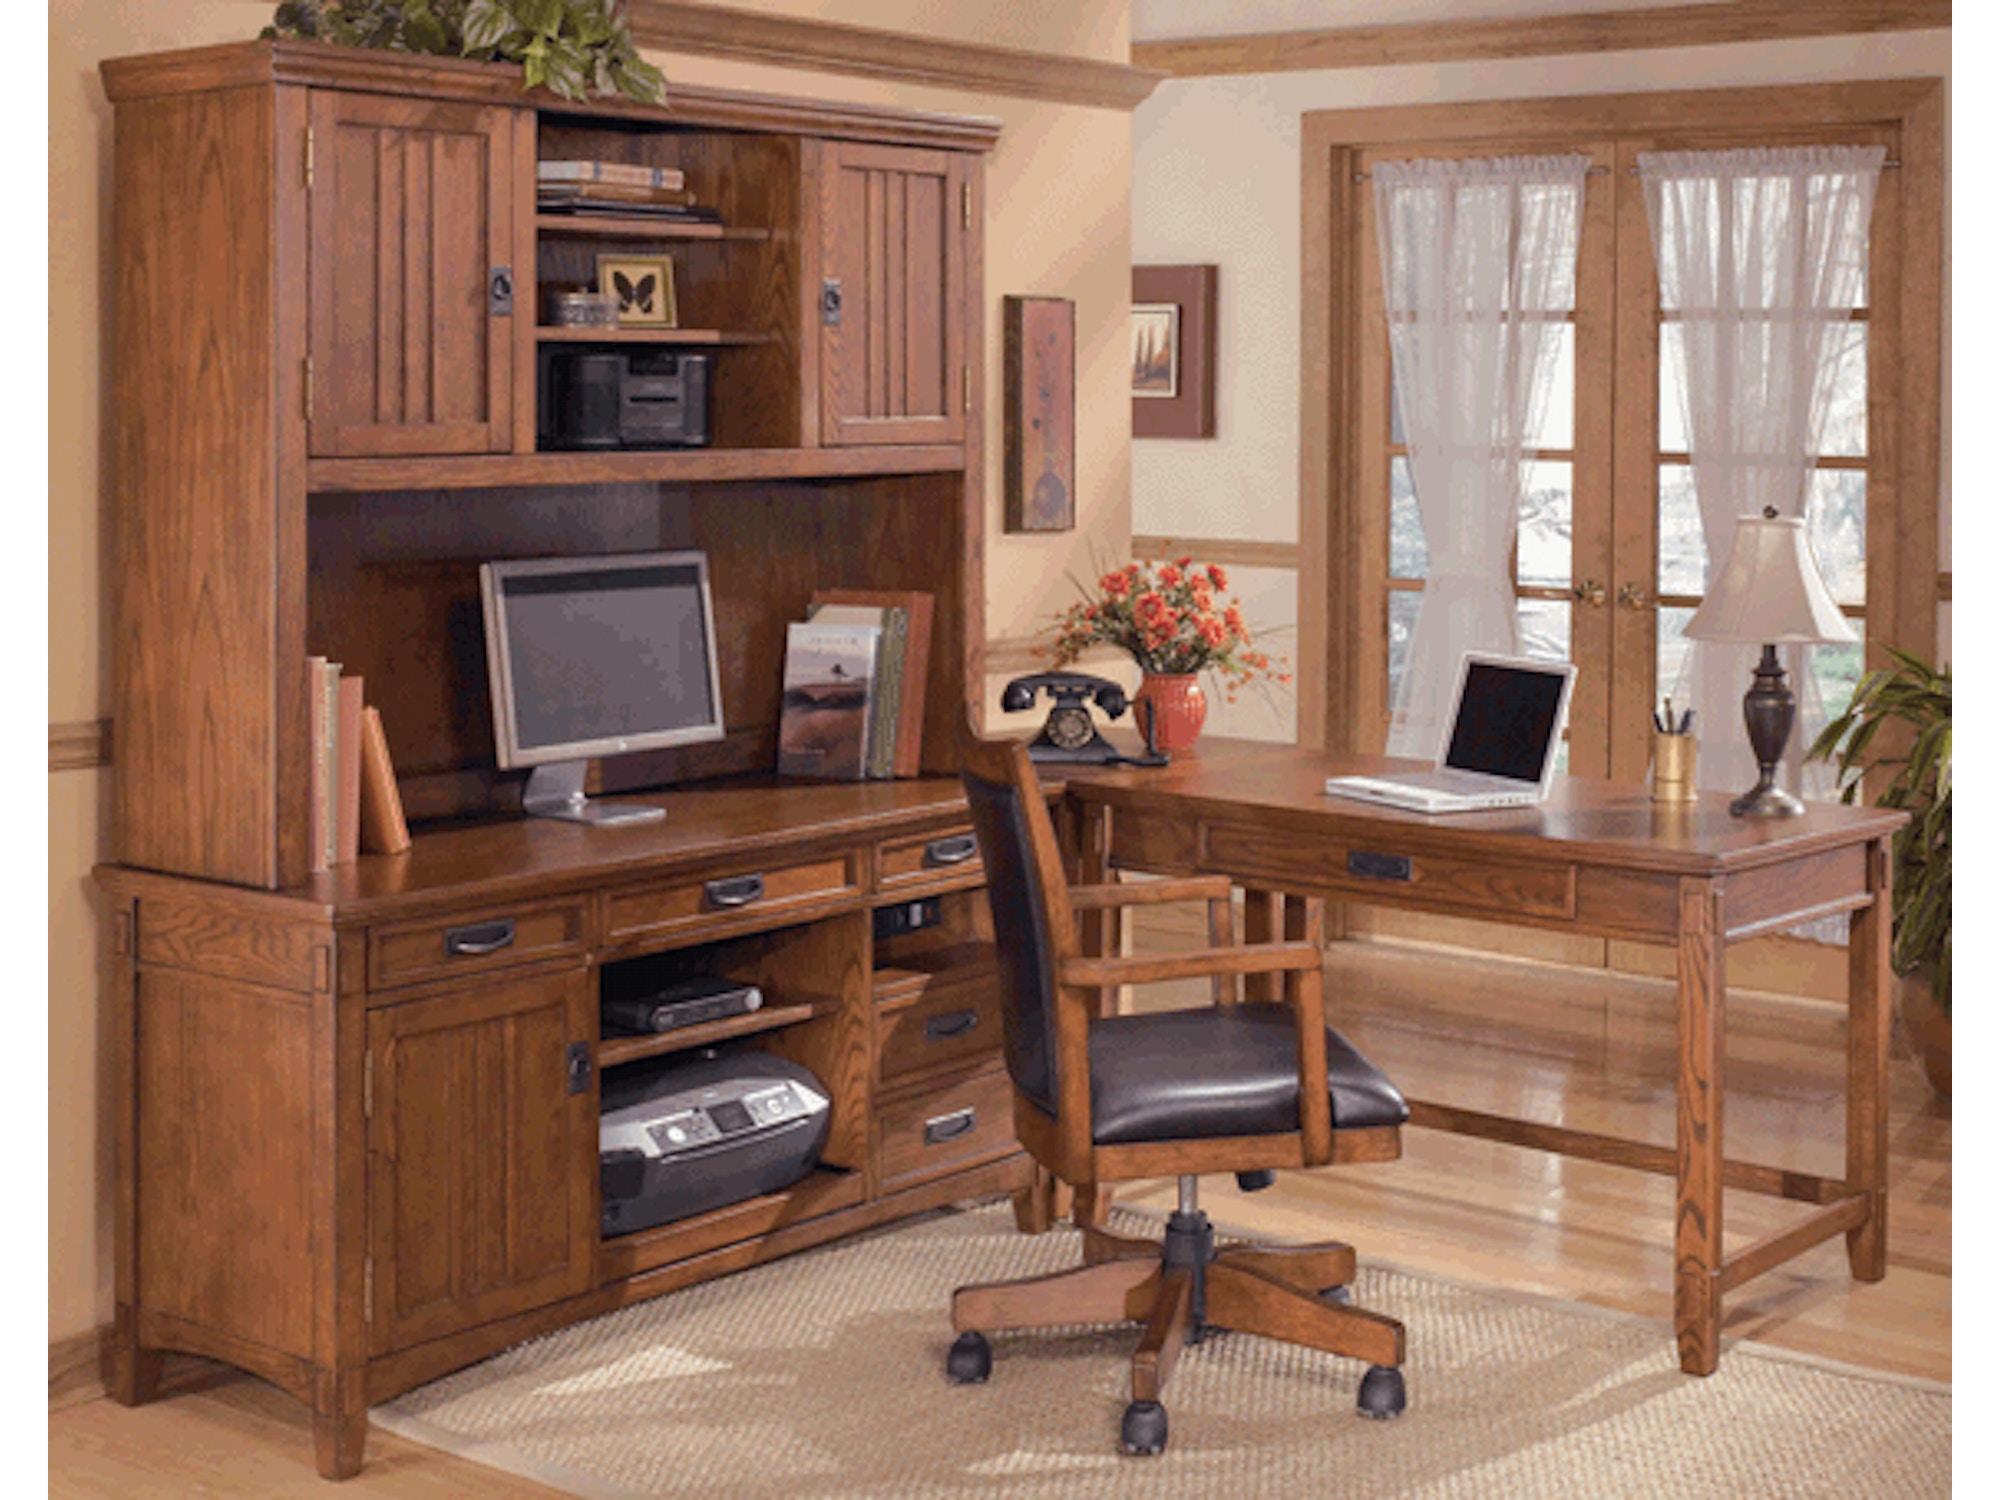 Home Office Furniture Cincinnati home office furniture cincinnati absurd 18 911866 Cross Island Home Office